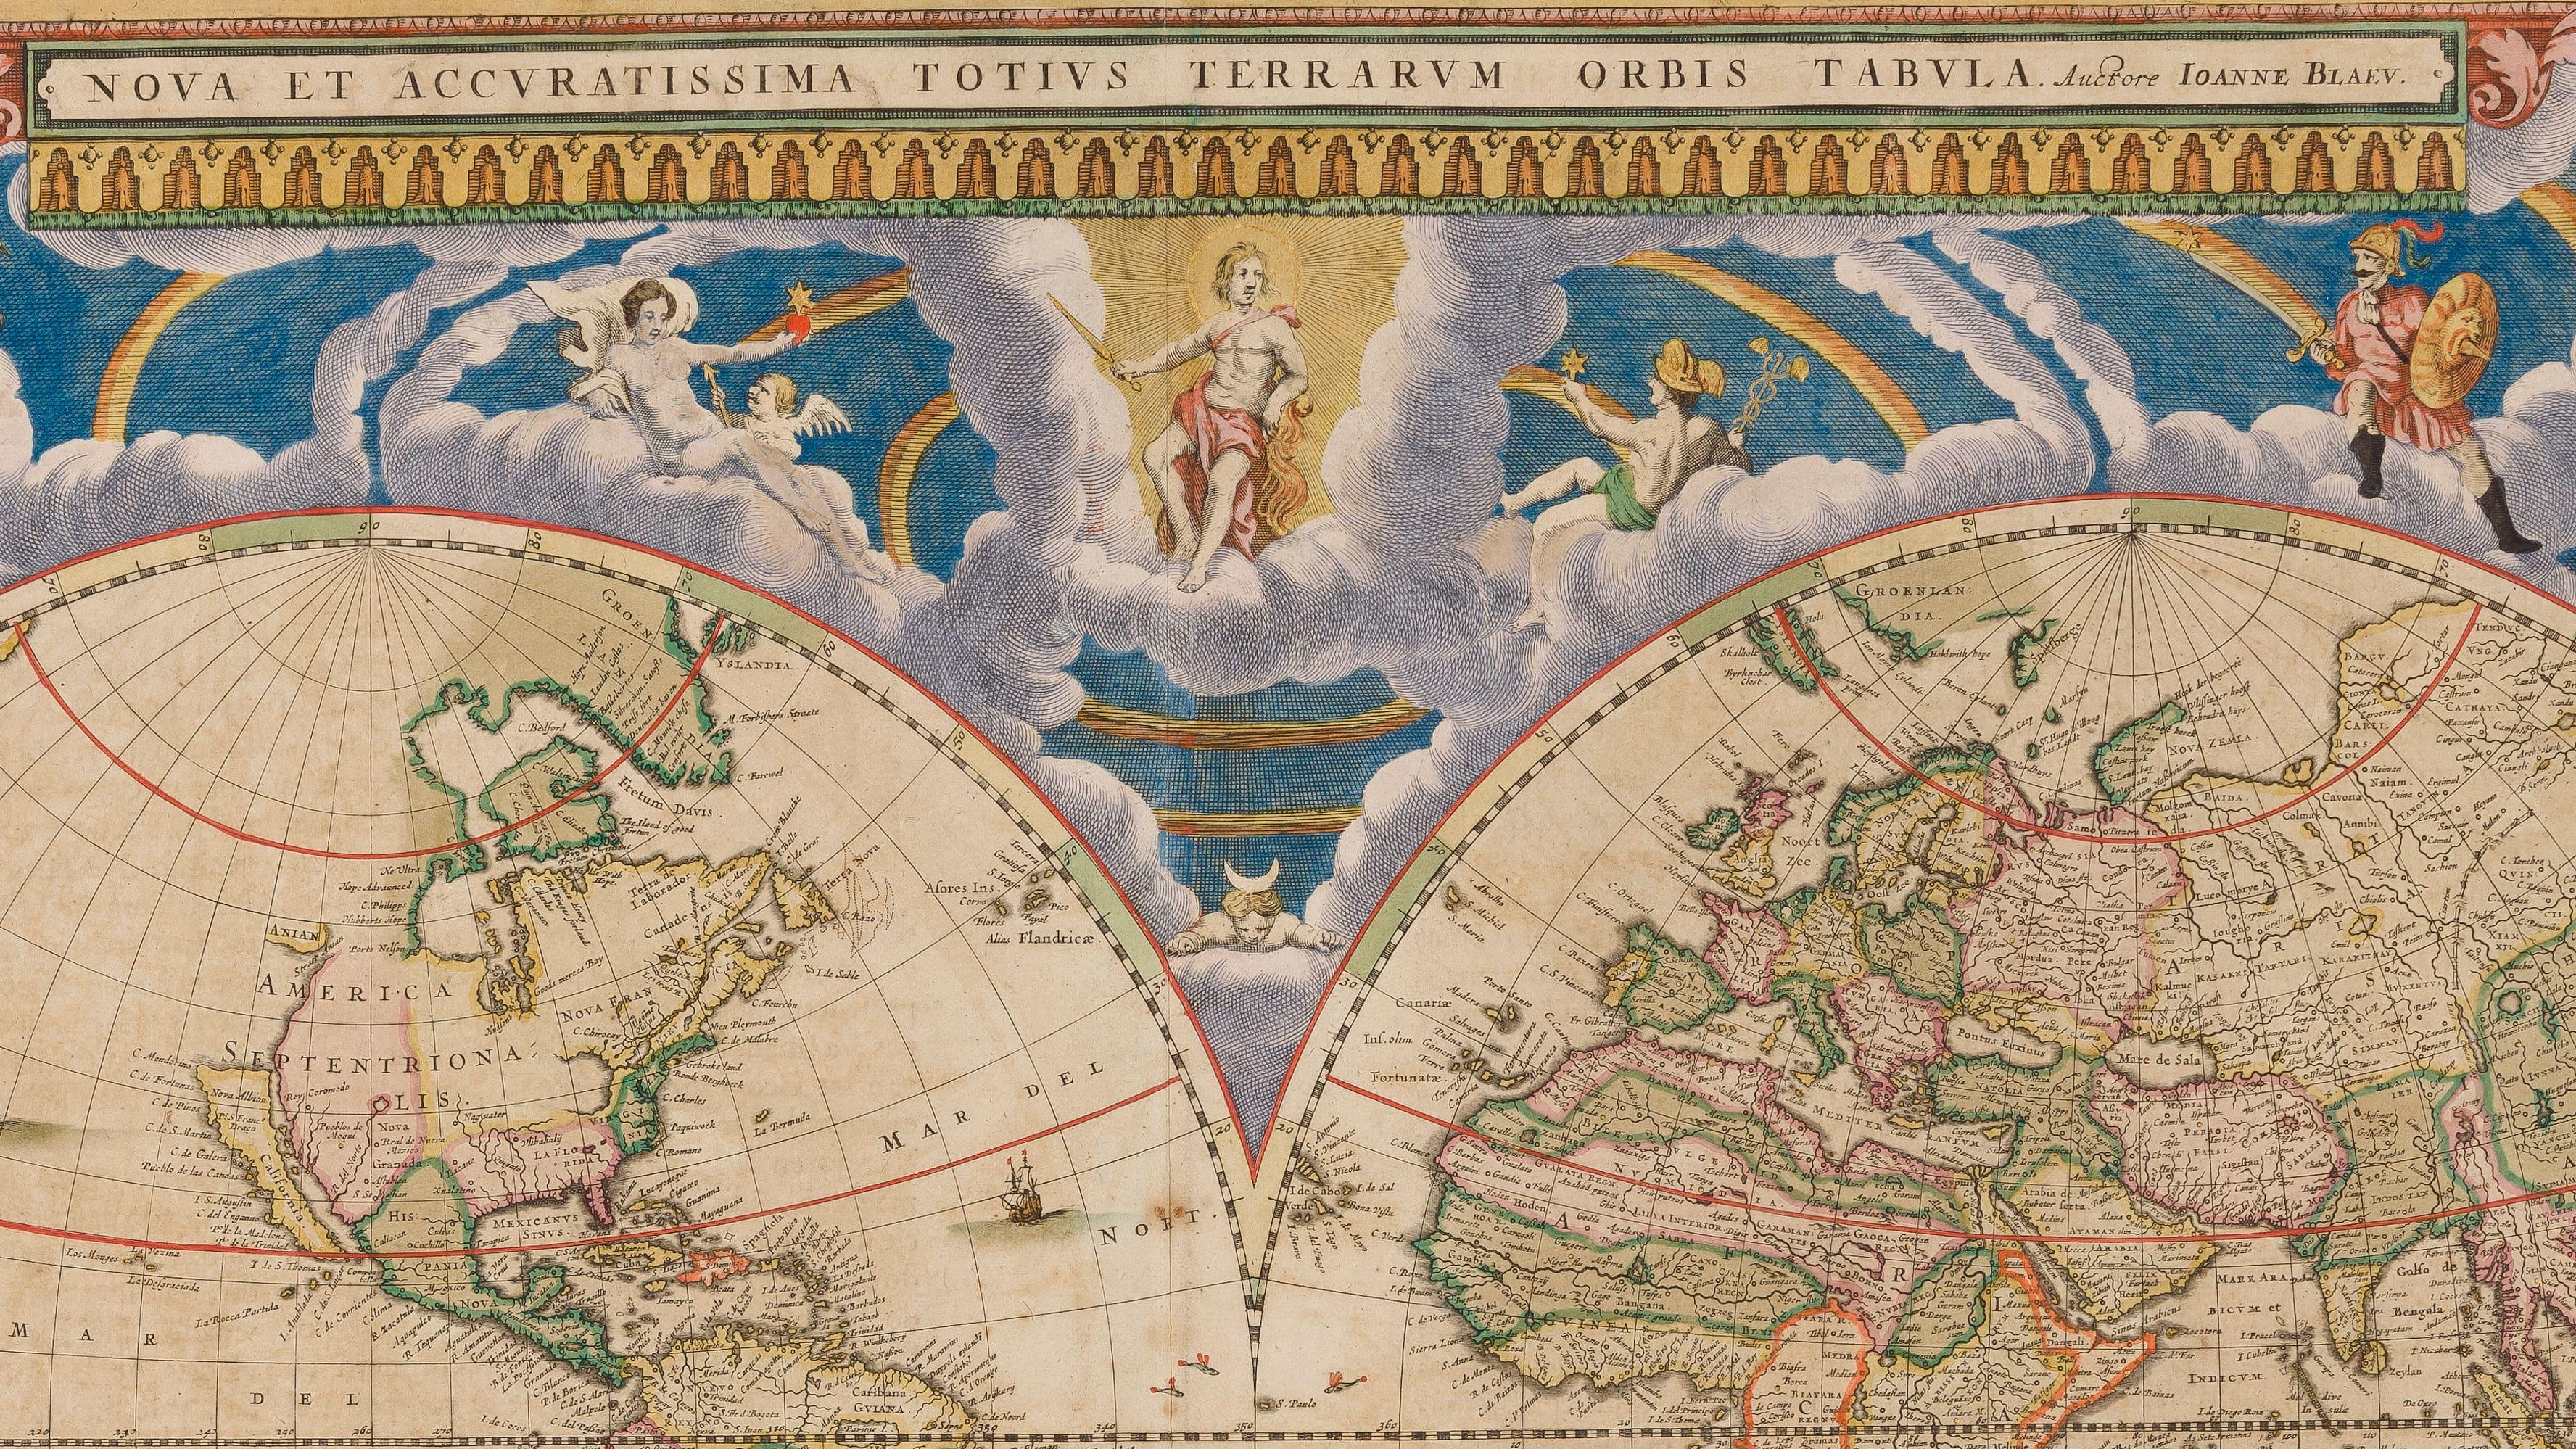 Maailmankartan historiaa | Jakso 2: Ptolemaioksen uudelleen löytäminen ja eurooppalaisten löytöretket